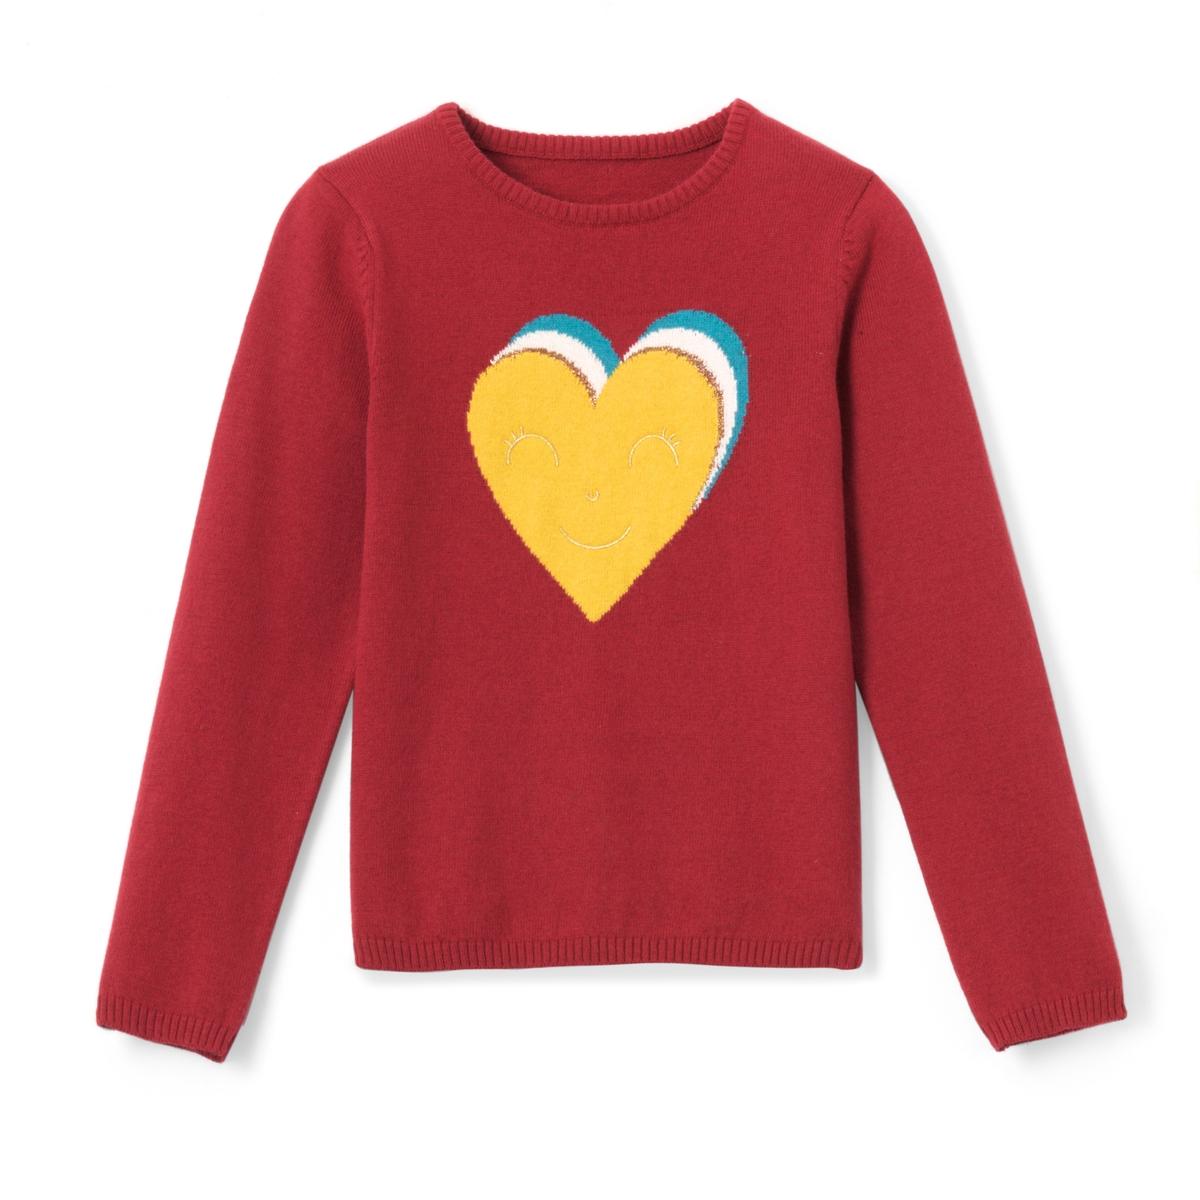 Пуловер с вышивкой с блестками 3-12 лет